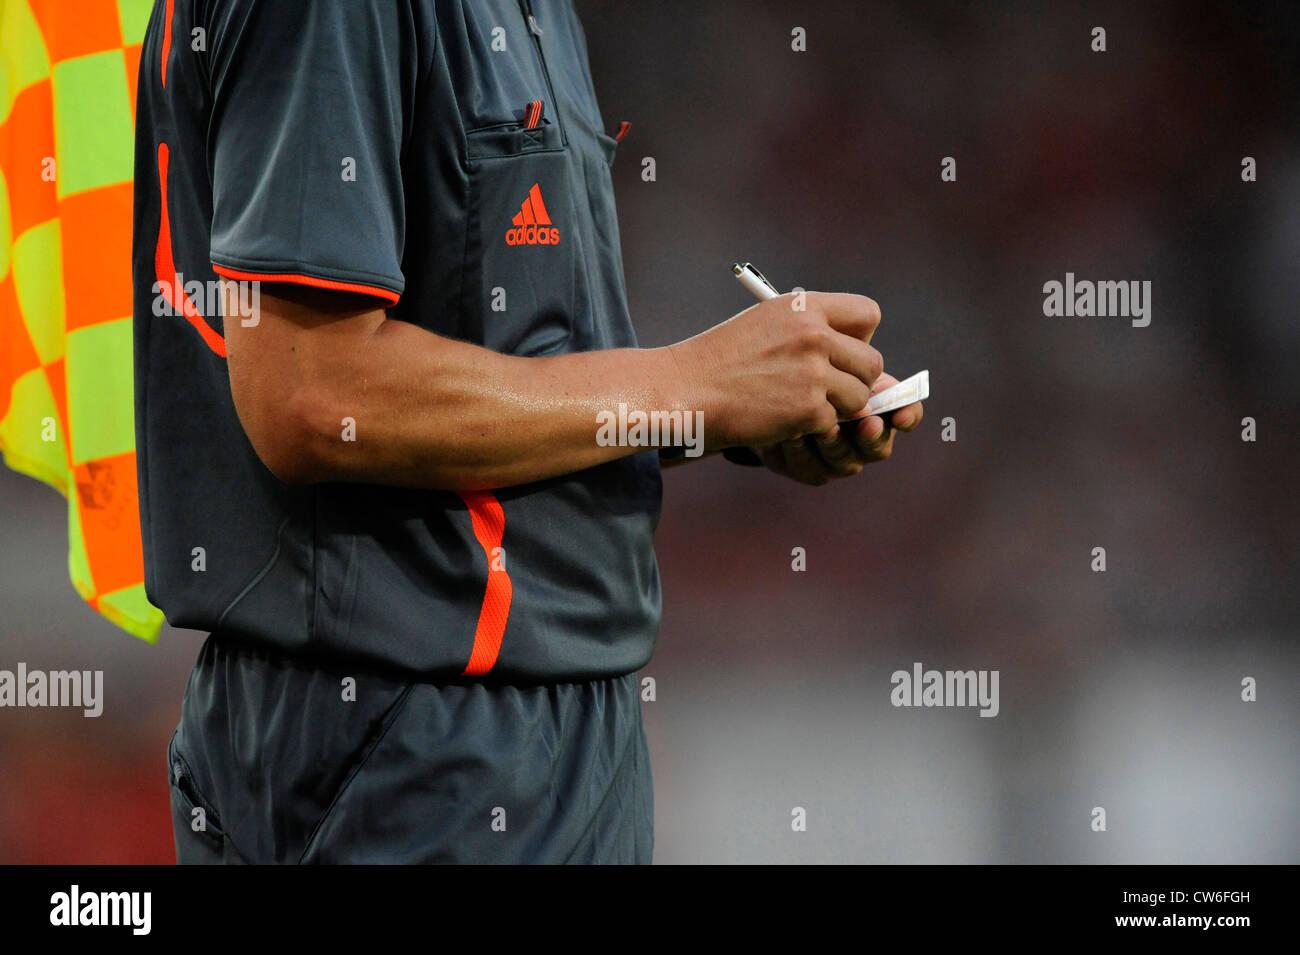 Linienrichter stellt ein Foul in seinem Notizbuch in einem Fußballspiel Stockbild